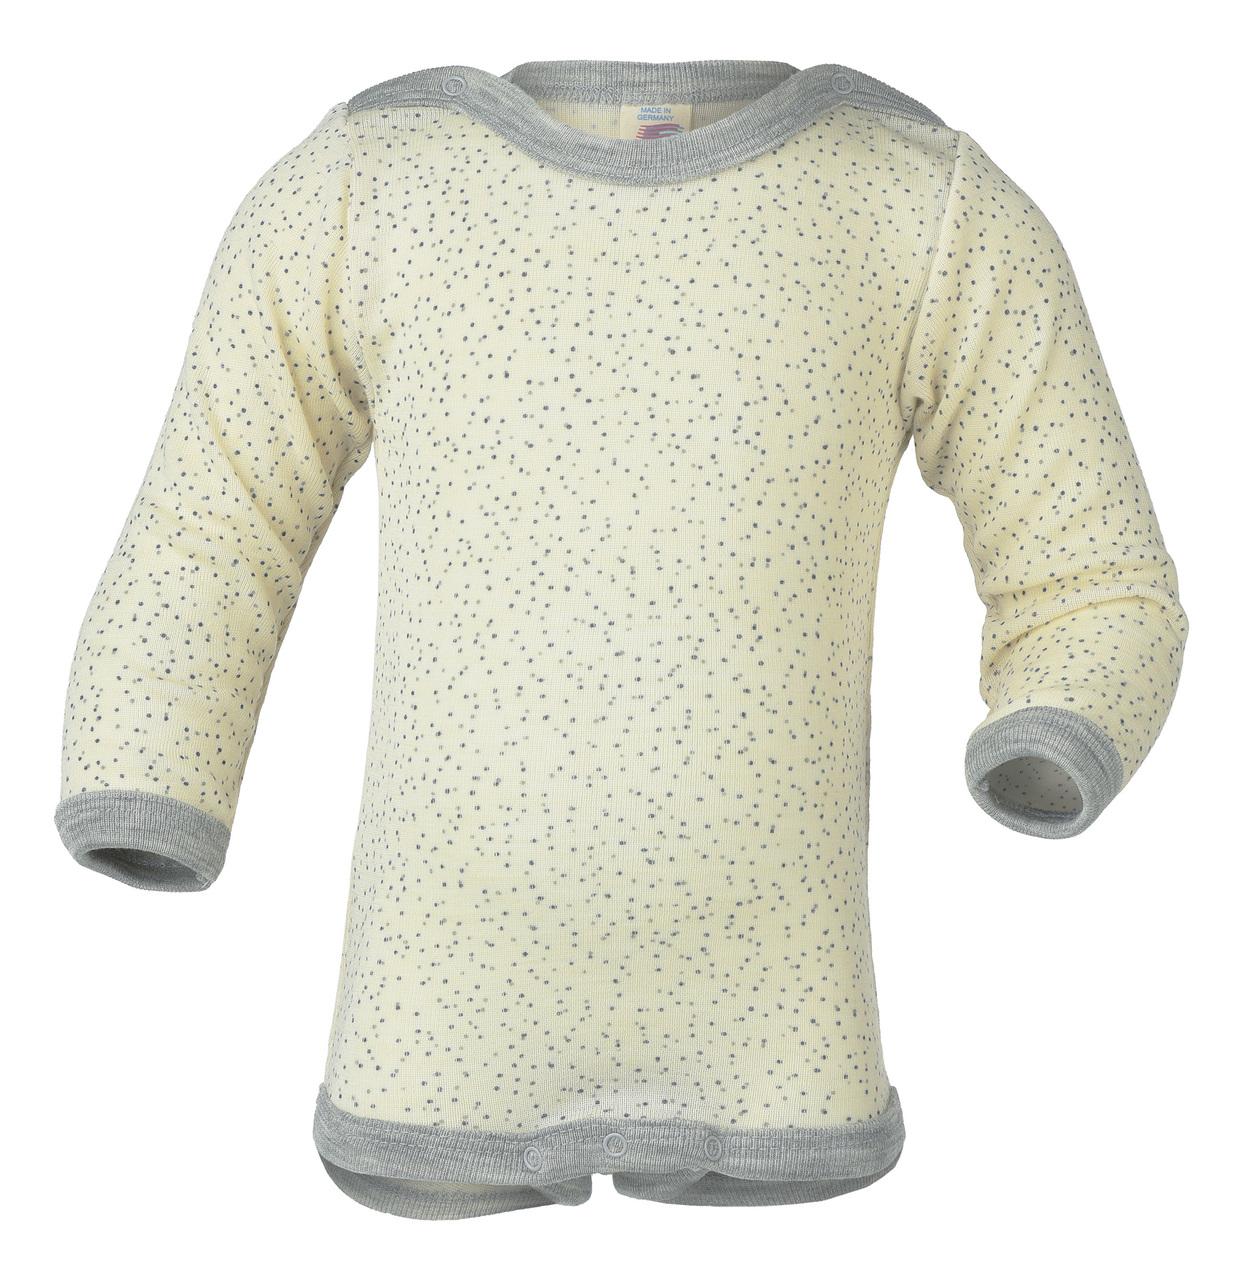 4ed2393c1 Engel Merino Wool/Silk Baby Onesie Printed Natural - Merino Wool Clothes  for Babies - Ava's Appletree